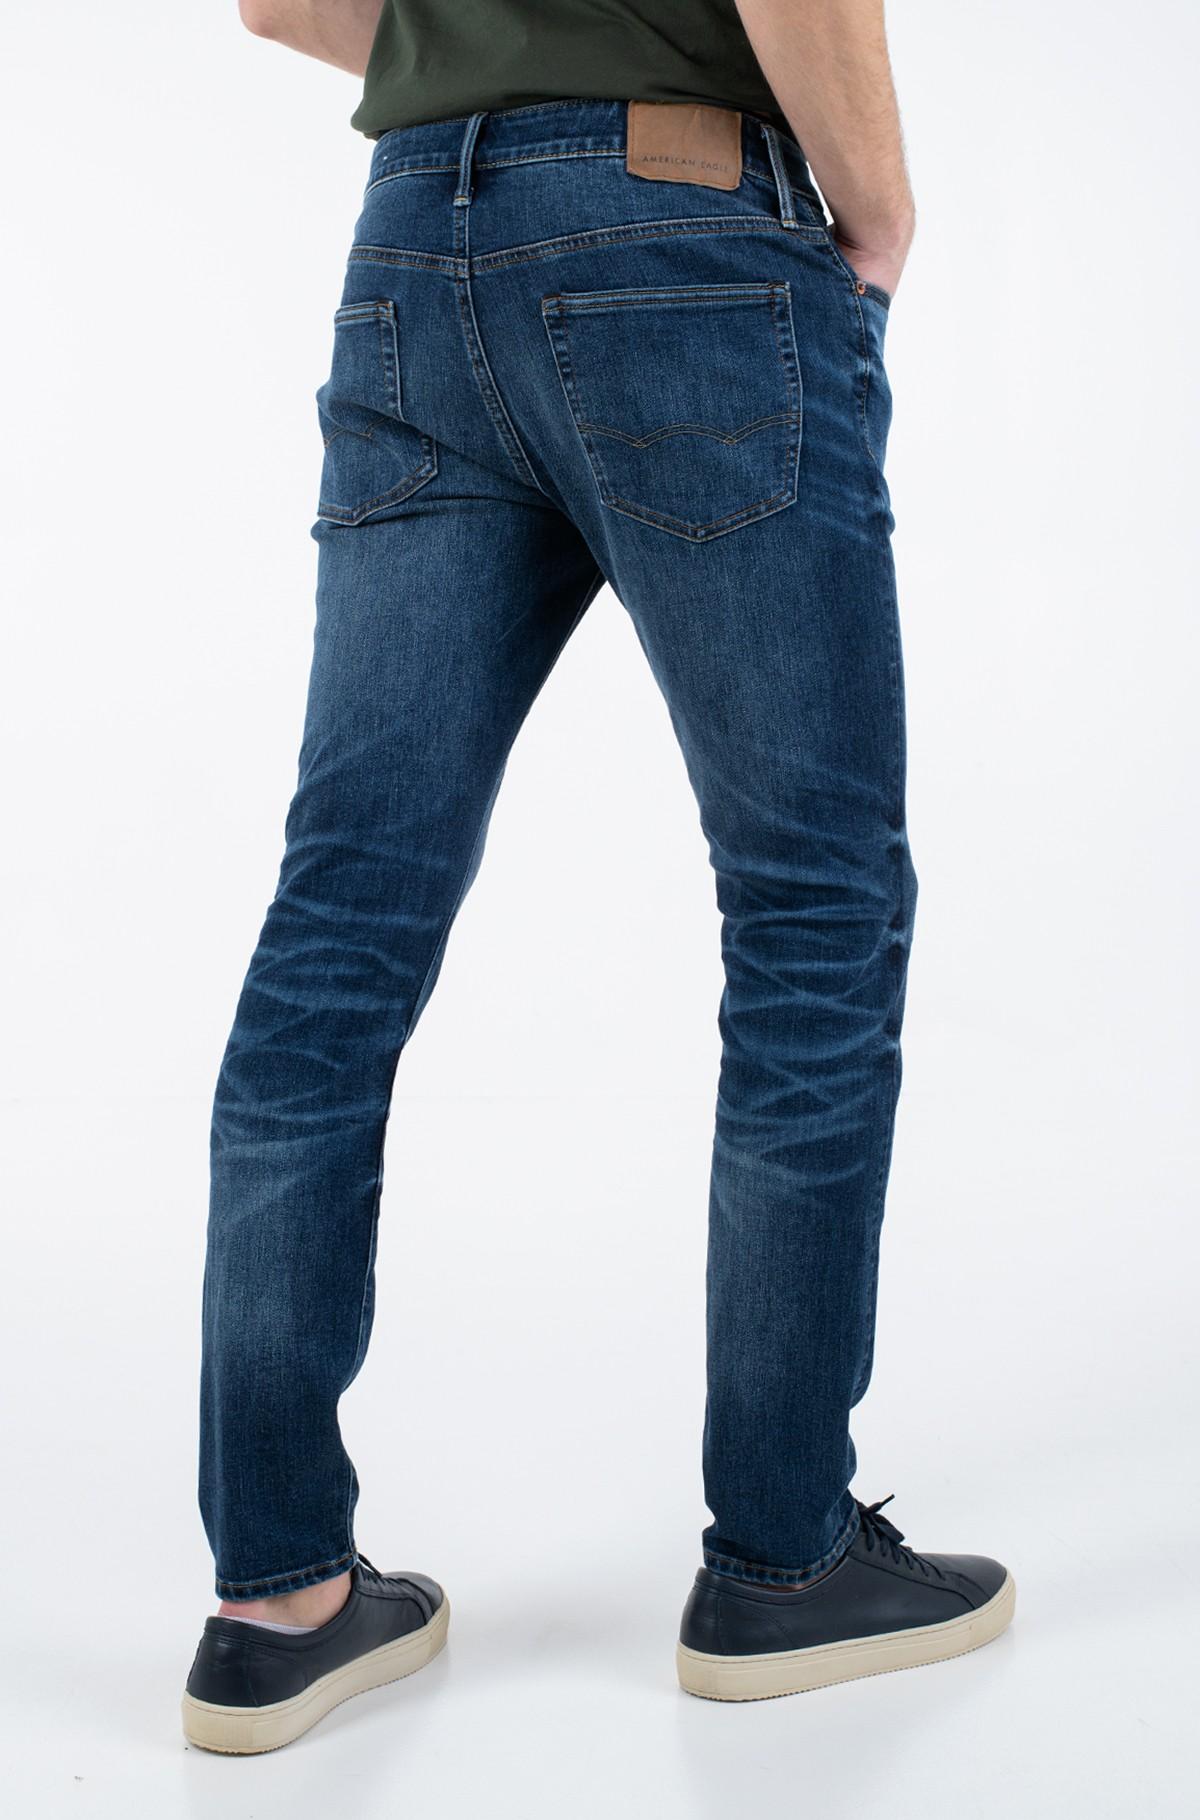 Jeans 011-0114-5359-full-2